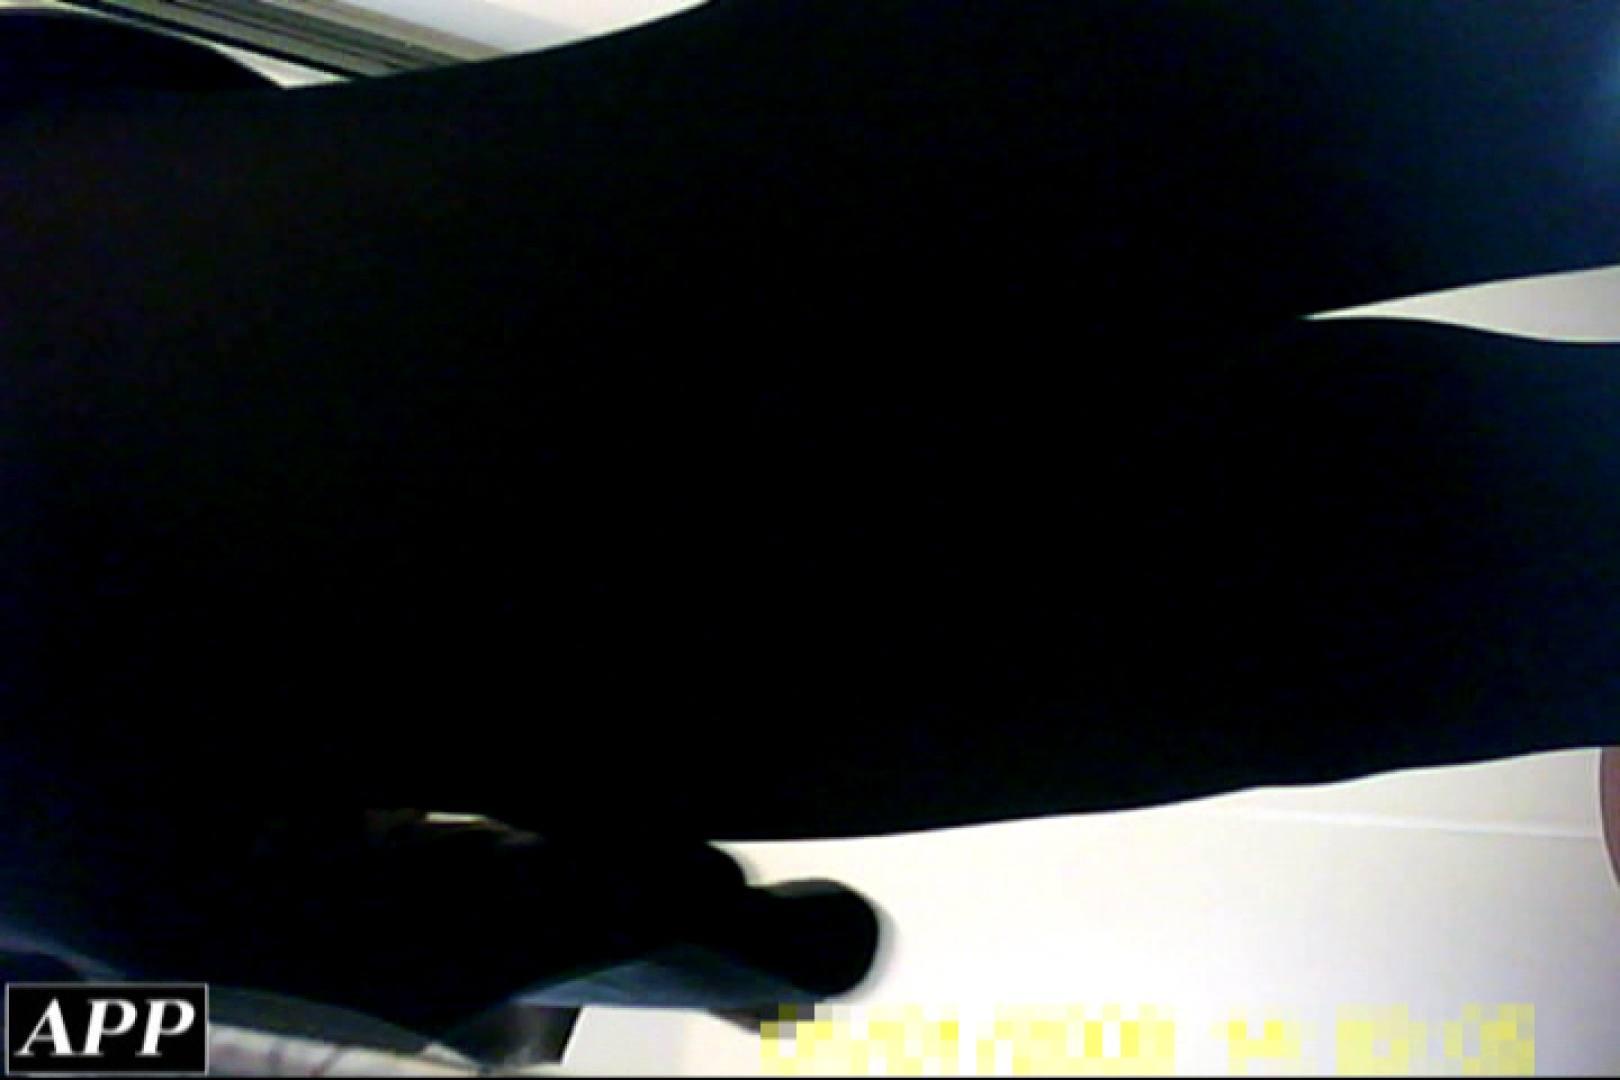 3視点洗面所 vol.115 モロだしオマンコ おめこ無修正画像 103pic 4